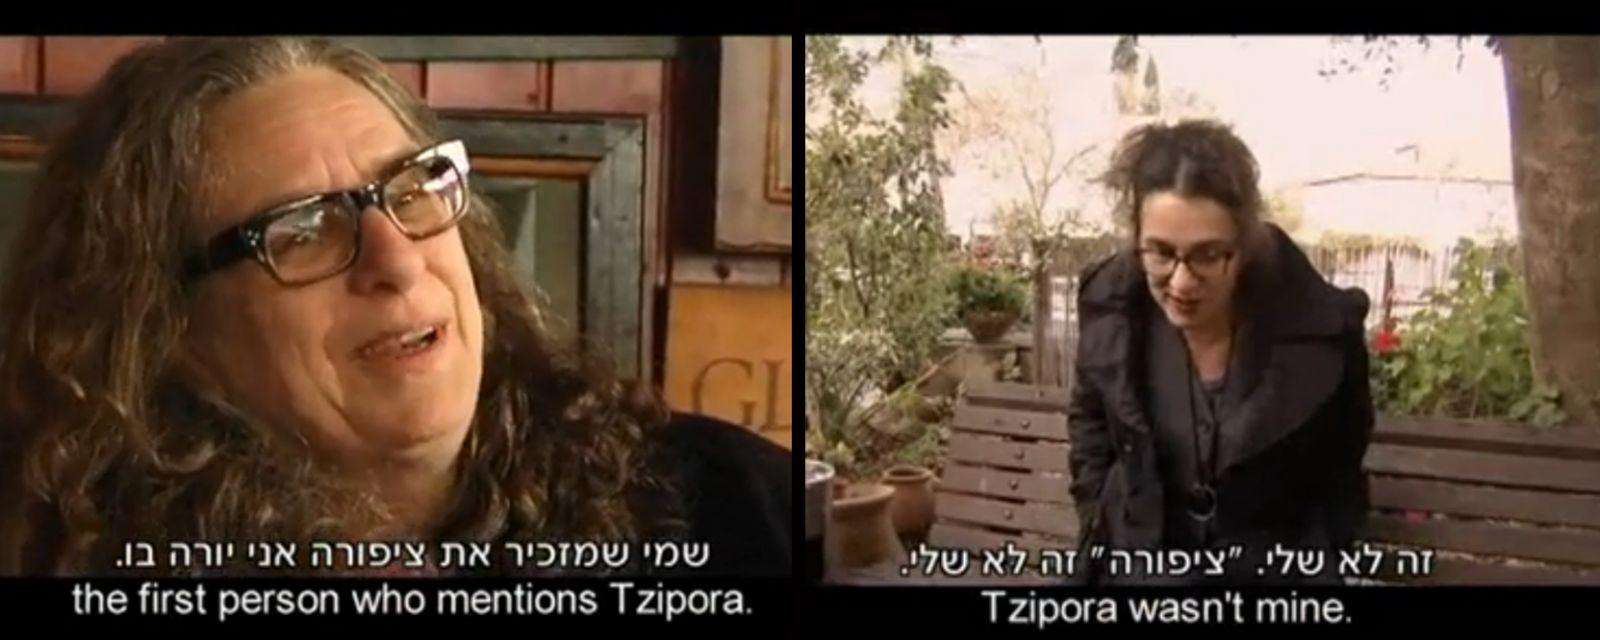 """ציפה קמפינסקי ועירית לינור מדברות על מדור הרכילות """"ציפורה"""" בעריכתן, מתוך """"תקוות גדולות"""" (צילומי מסך)"""